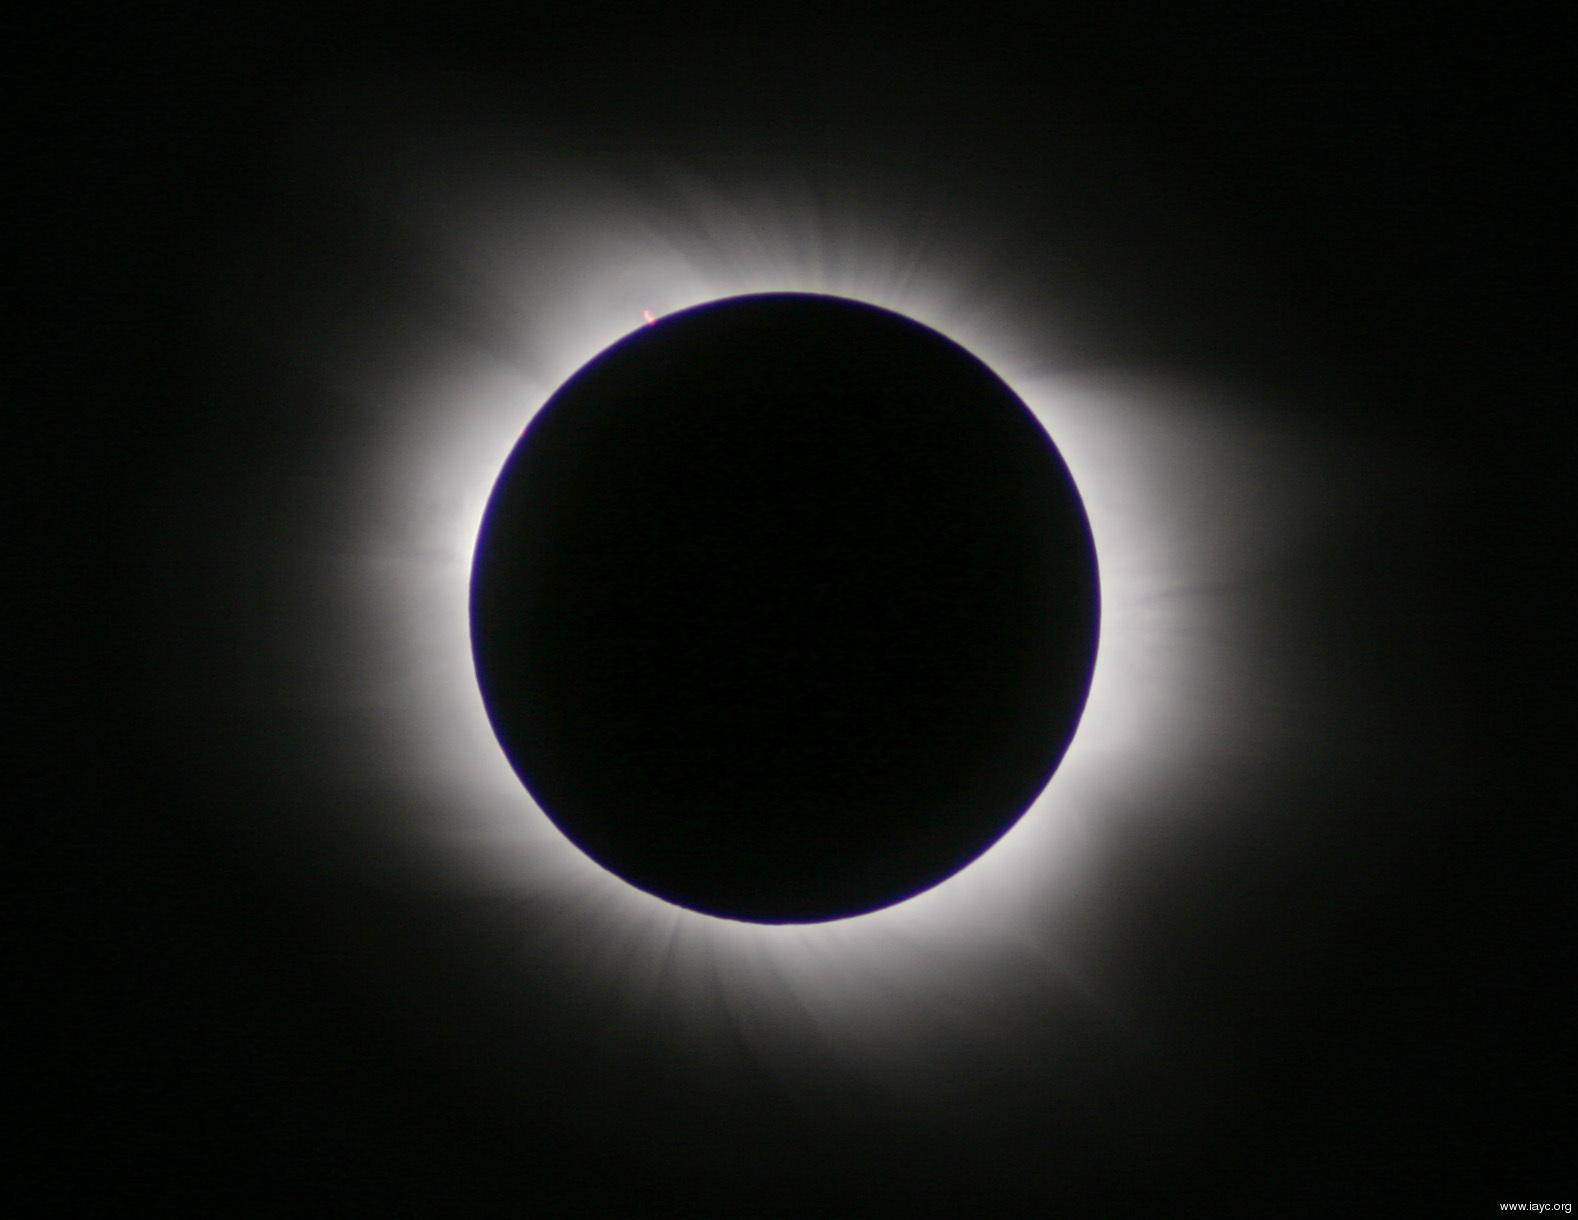 черная луна, солнечное затмение, обои для рабочего стола, солнце